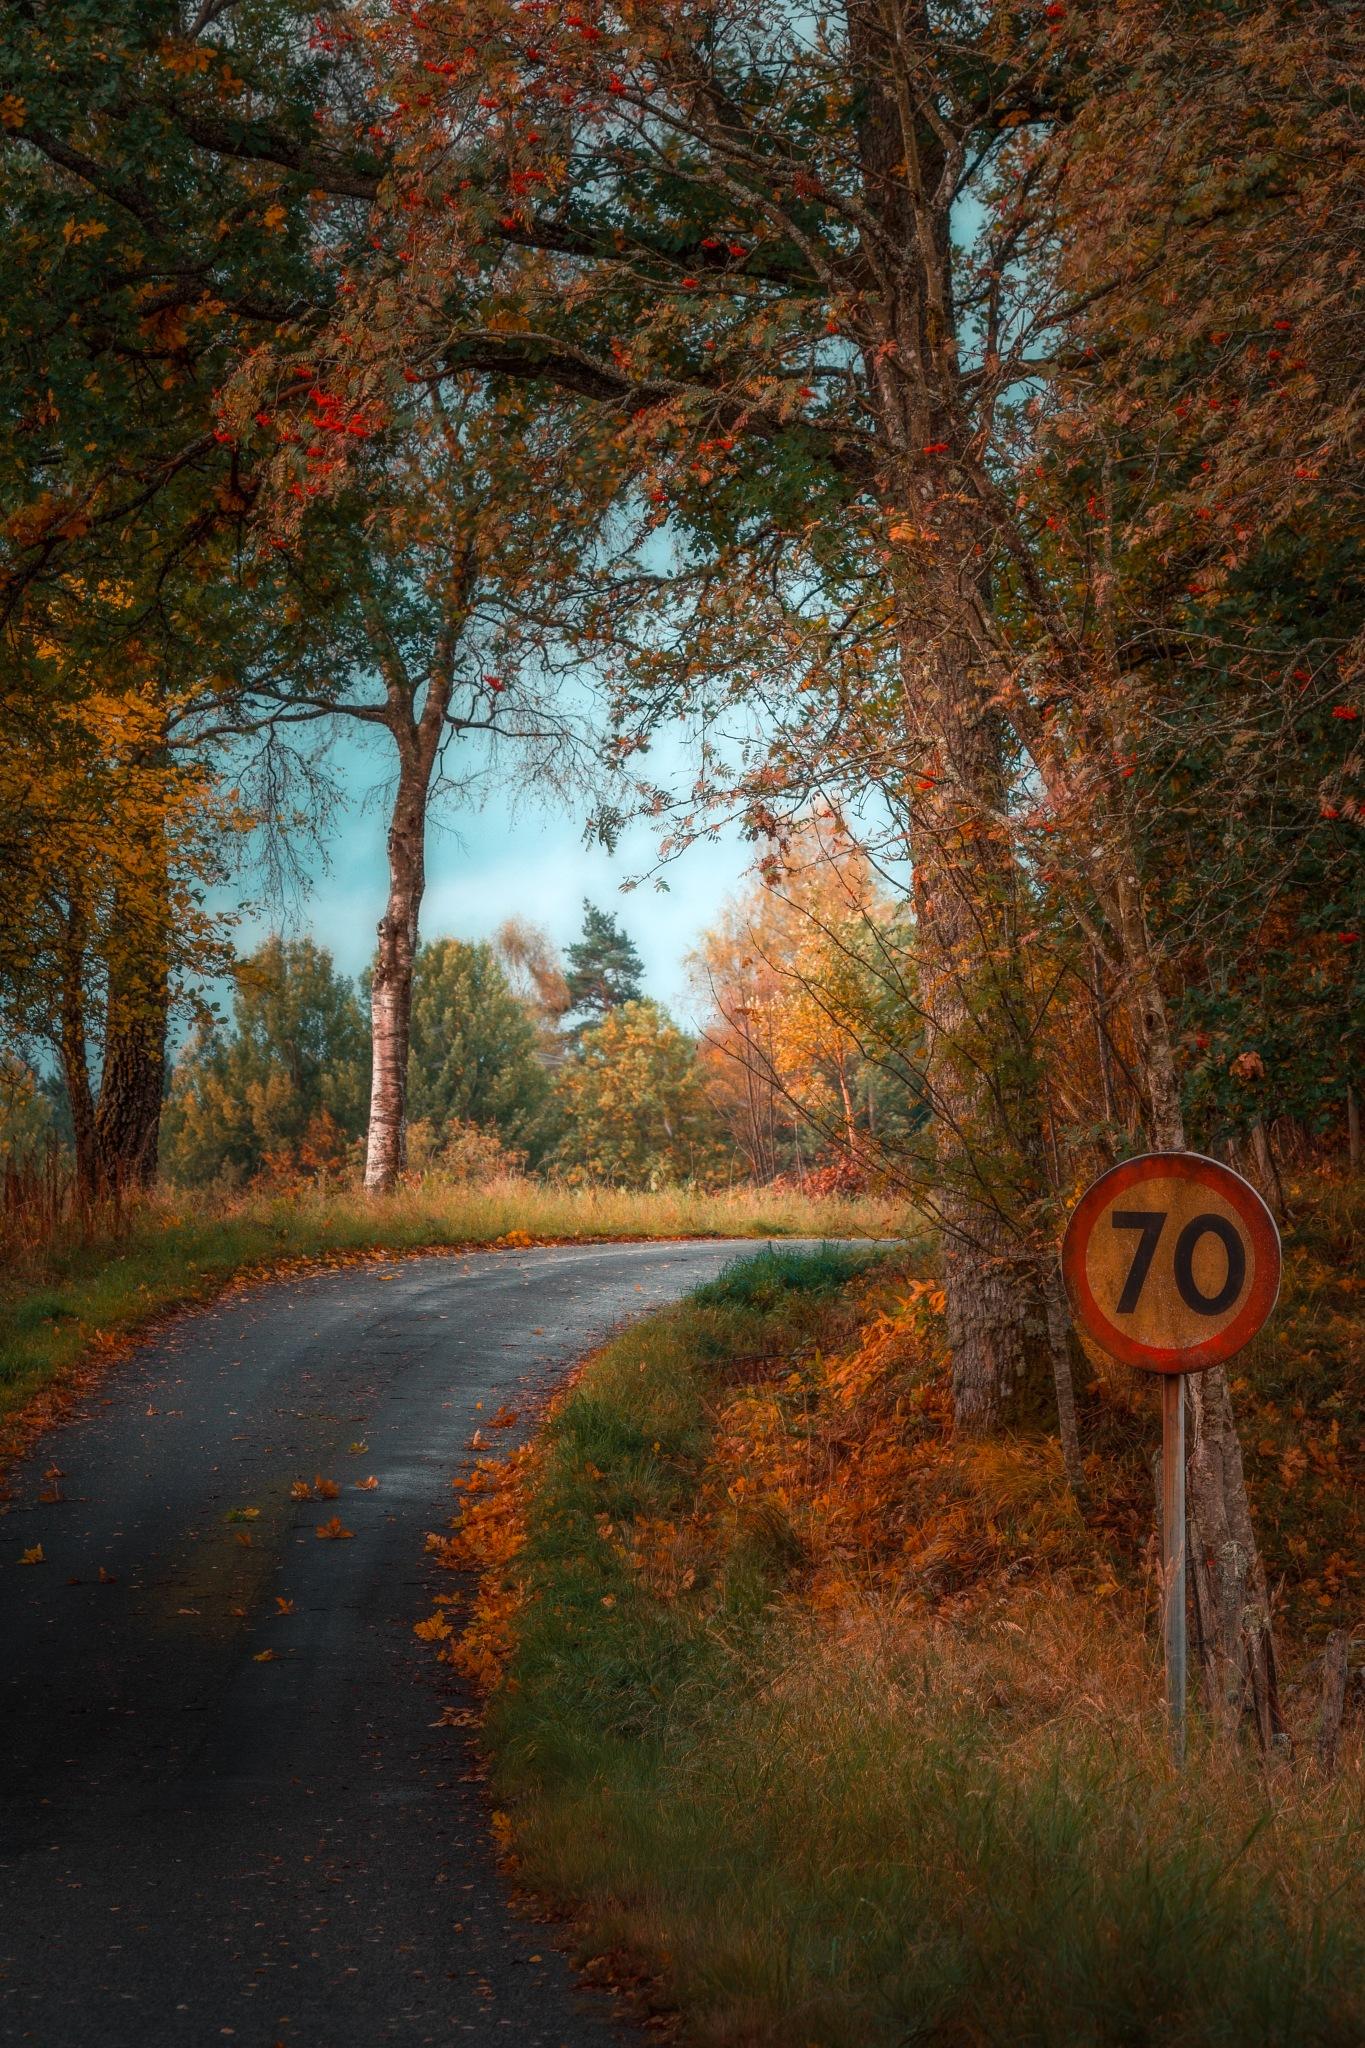 The speed of autumn by Göran Ebenhart